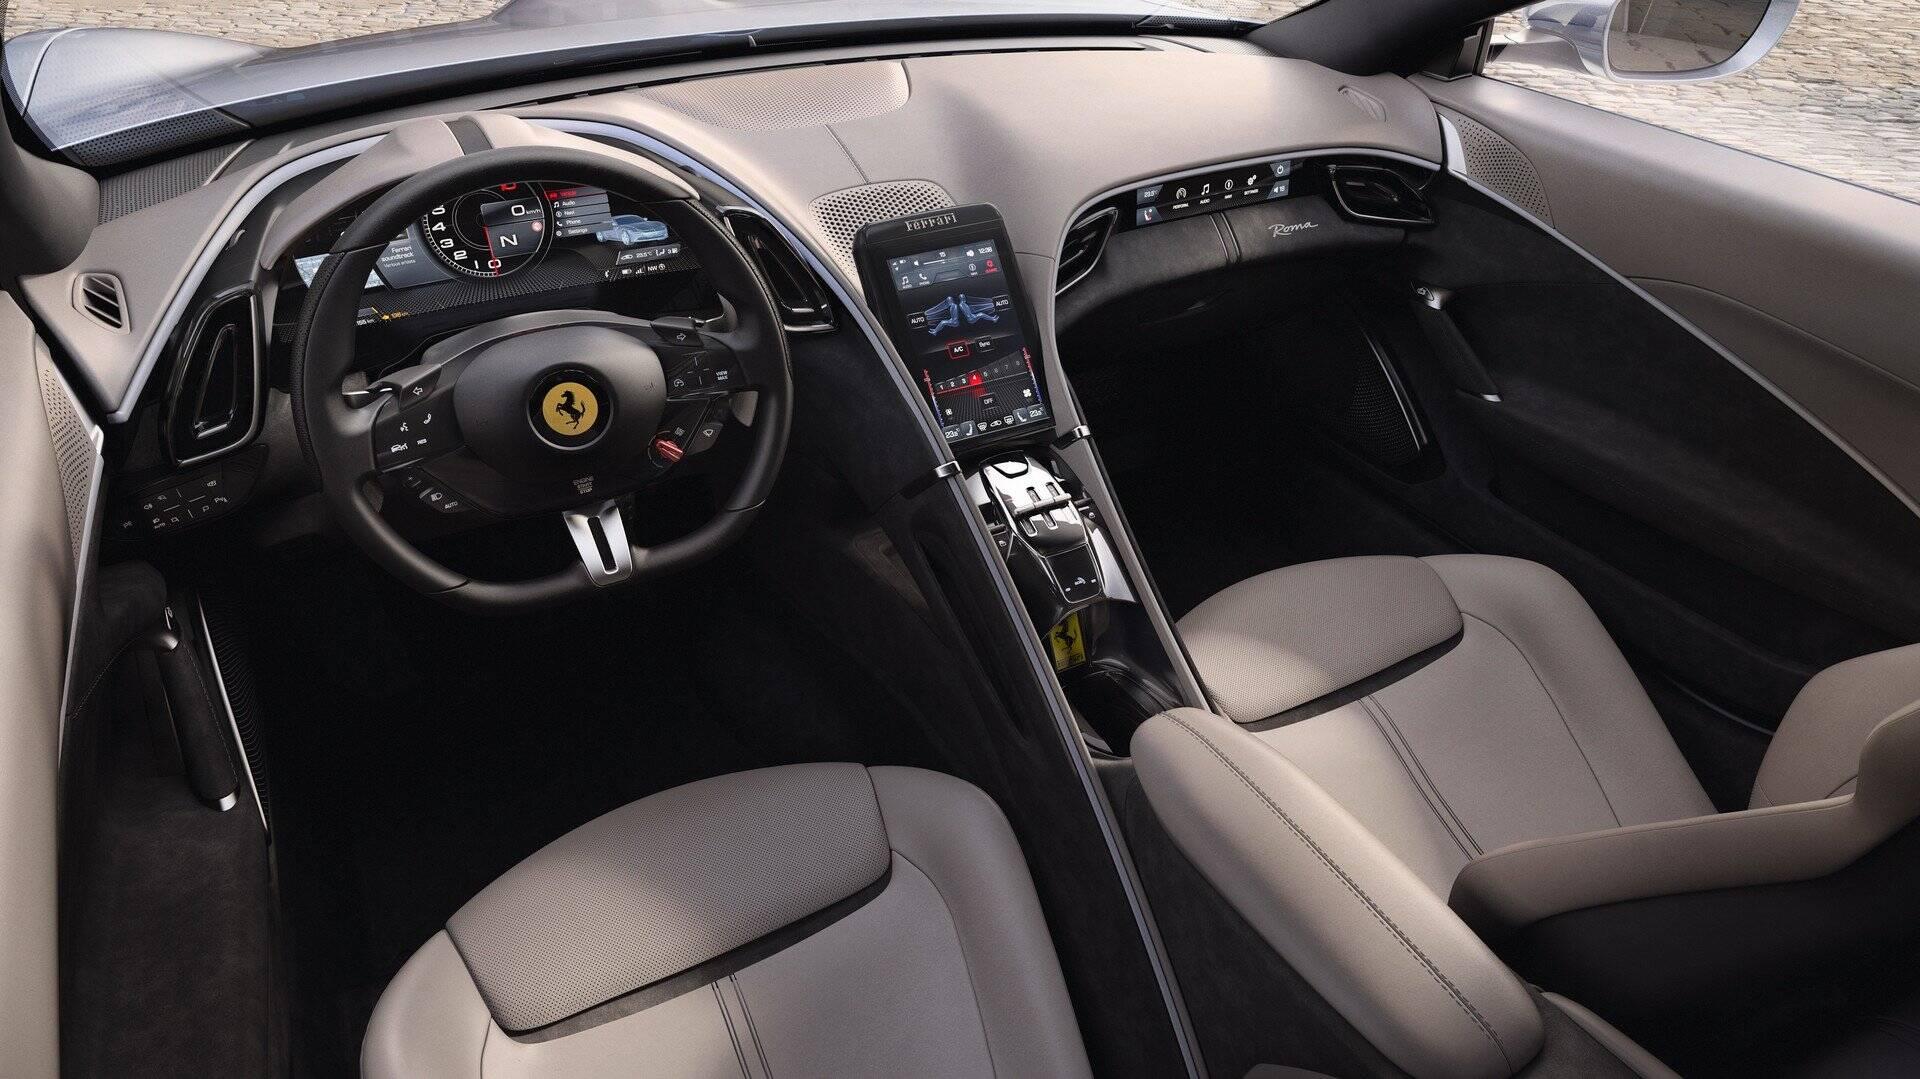 DNA esportivo da Ferrari não deixa de se fazer presente. Cada ocupante tem seu lugar bem definido. Foto: Divulgação